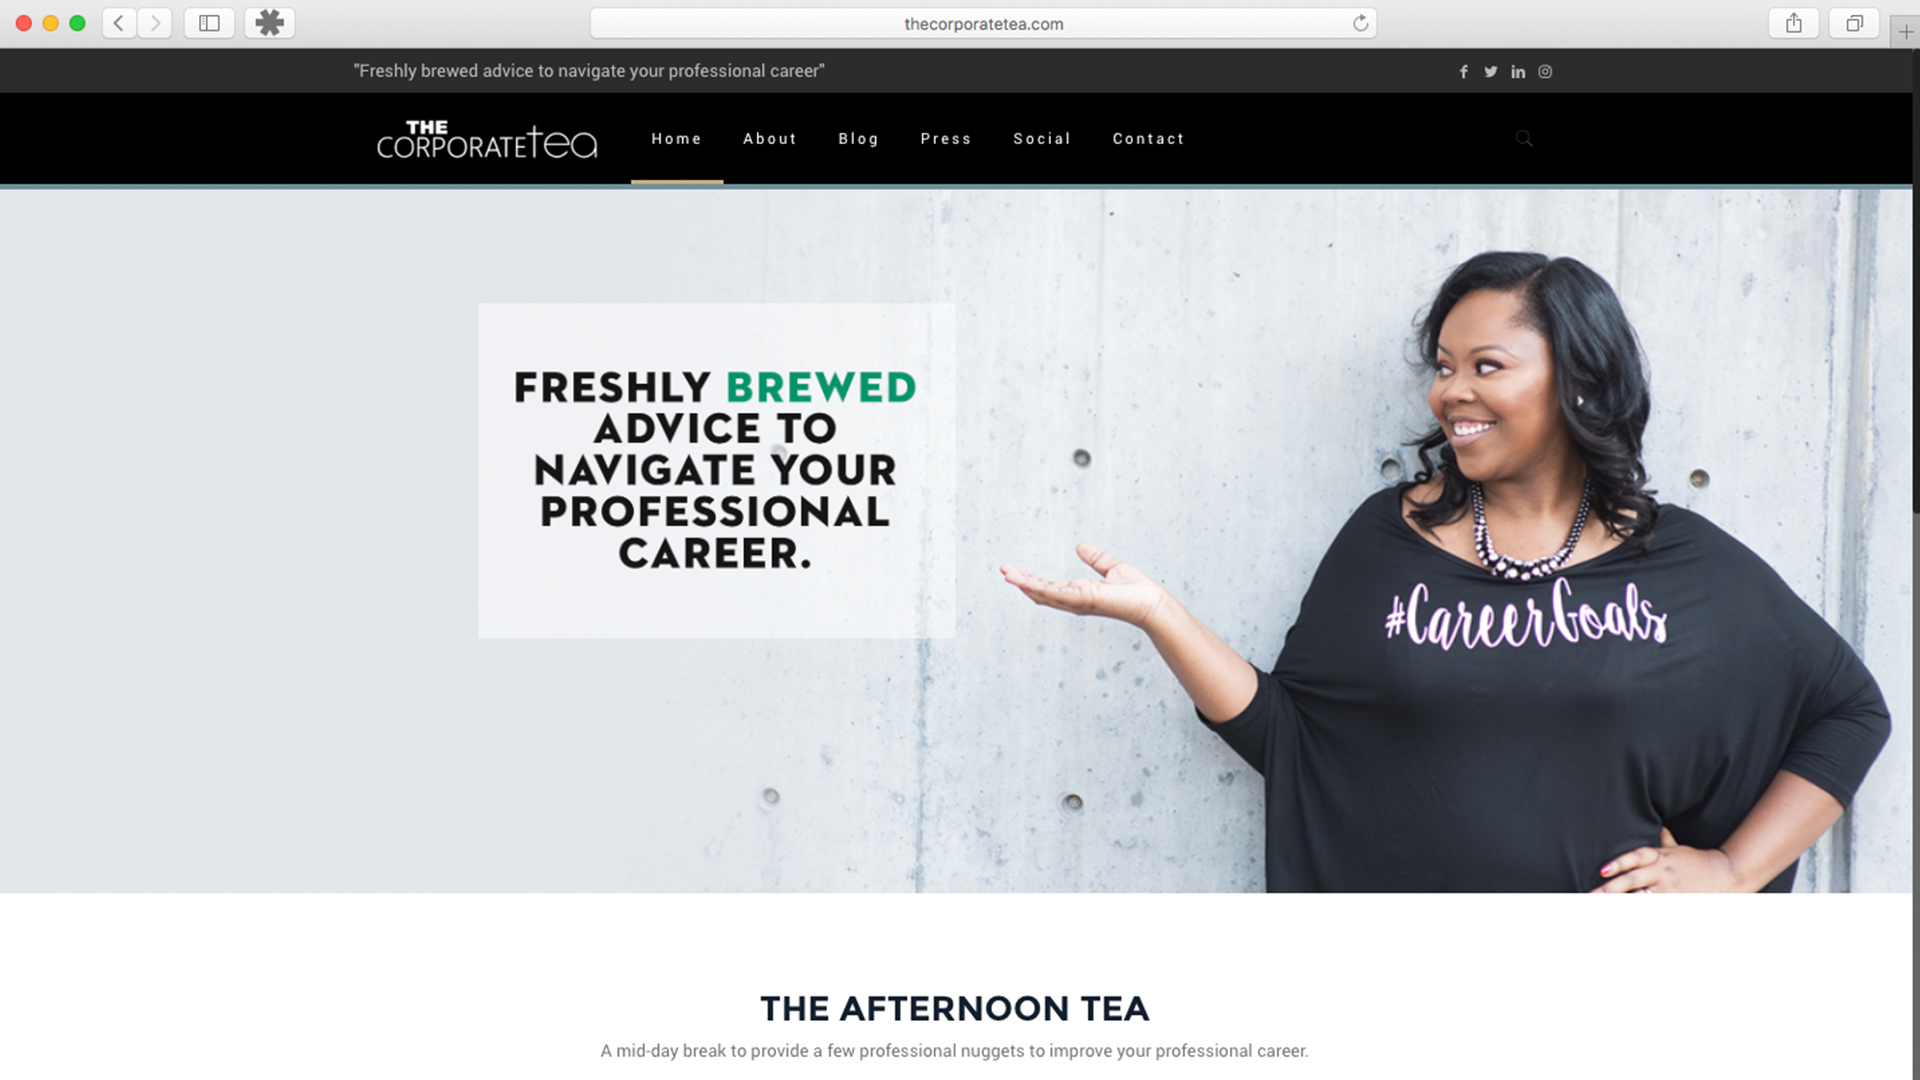 Corporatetea-web